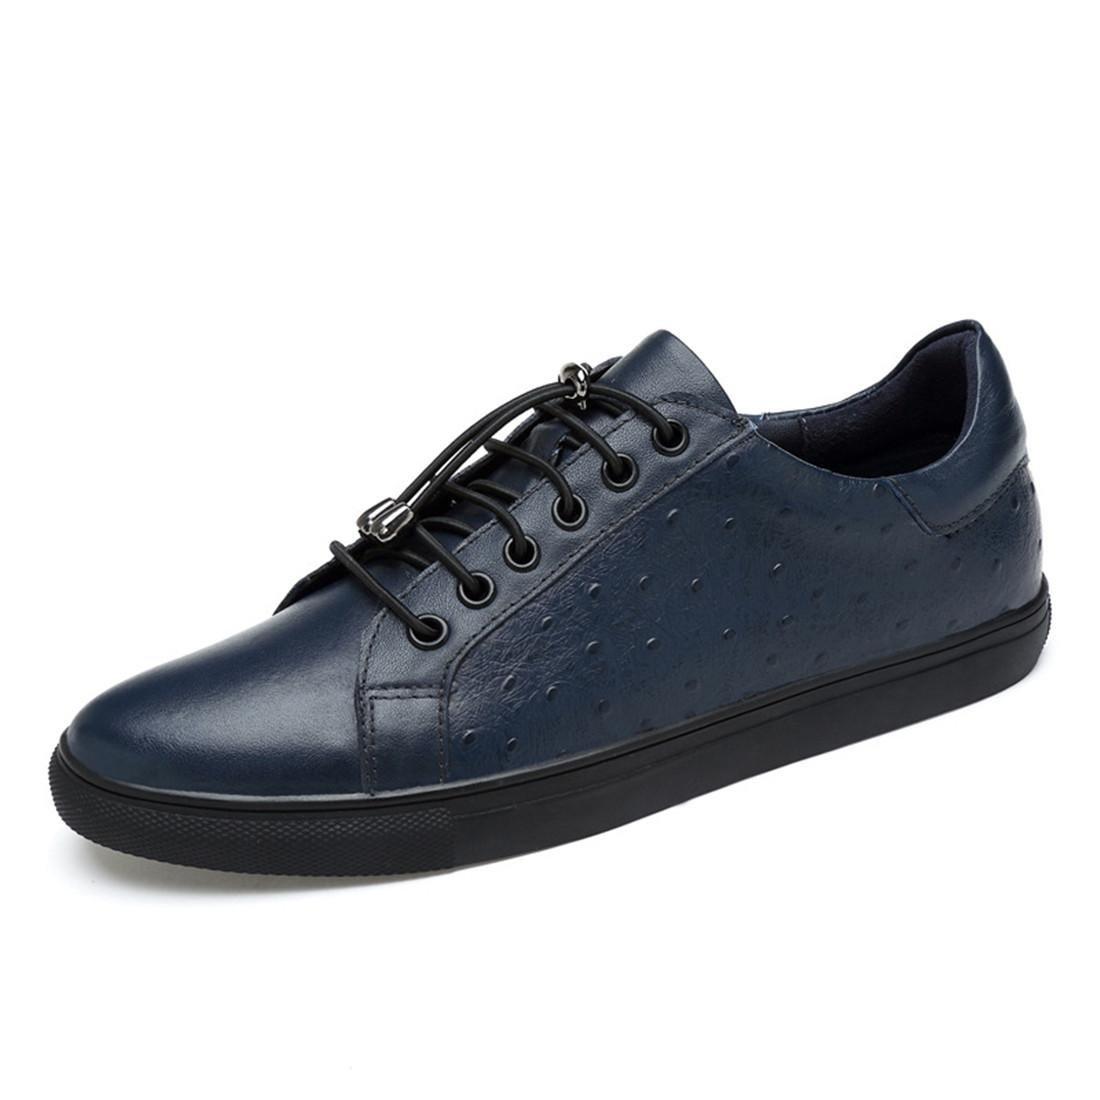 Herren Freizeit Lederschuhe Rutschfest Flache Schuhe Ausbilder Lässige Schuhe Große Größe Gemütlich EUR GRÖSSE 38-46